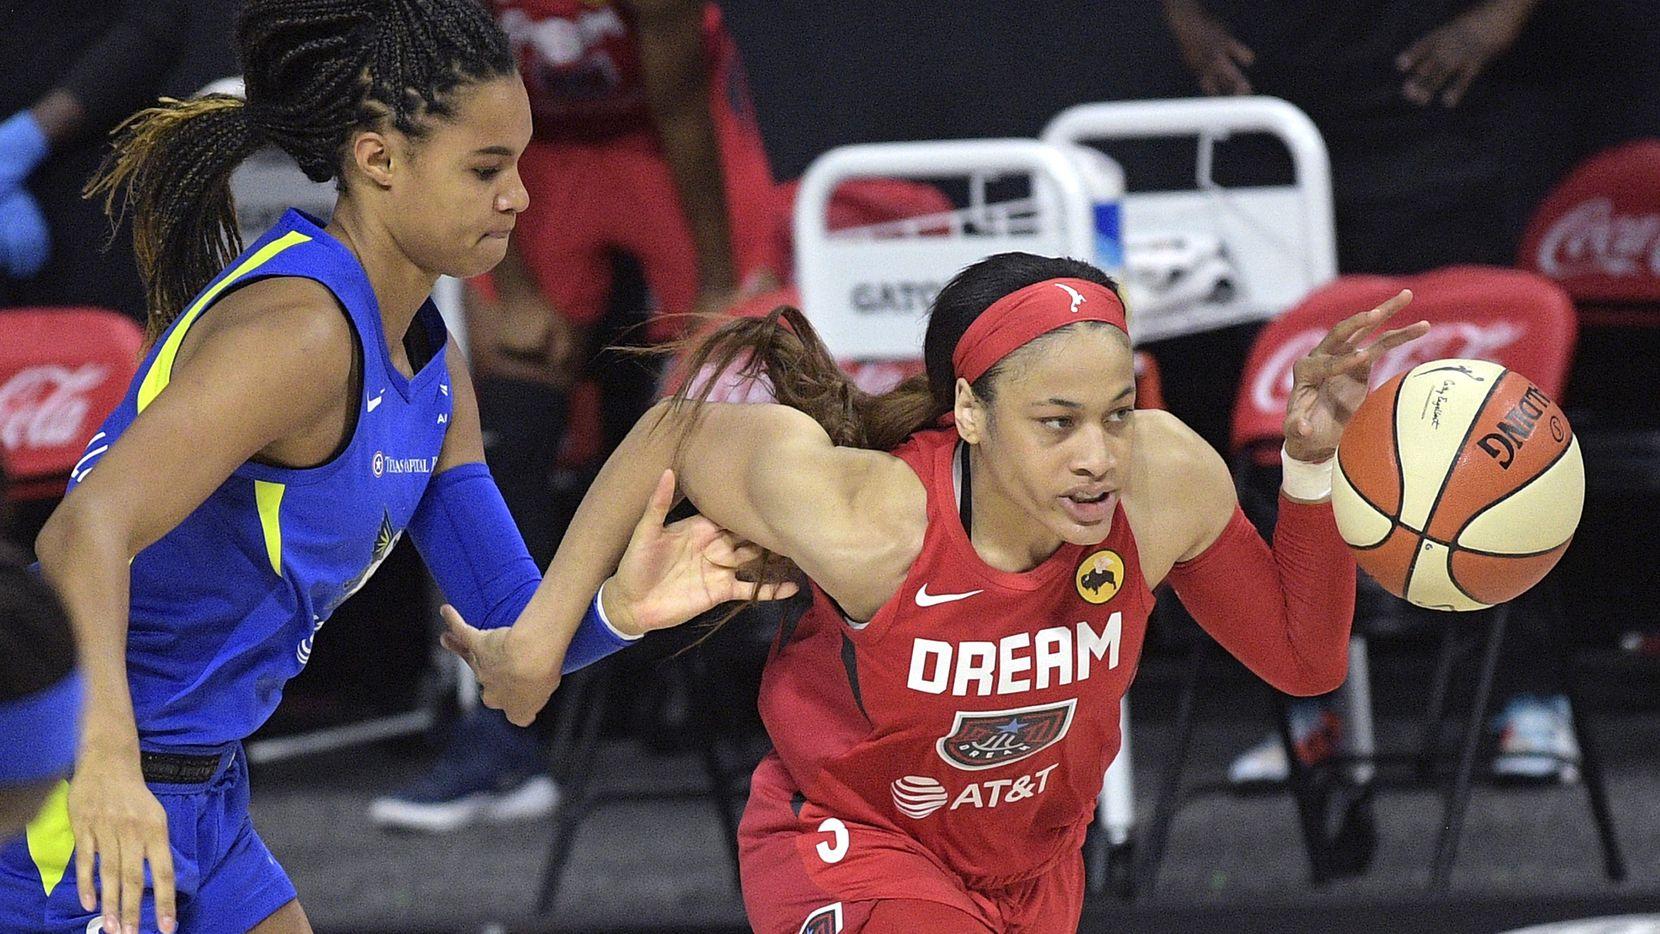 Chennedy Carter, Satou Sabally, Atlanta Dream, Dallas Wings, WNBA